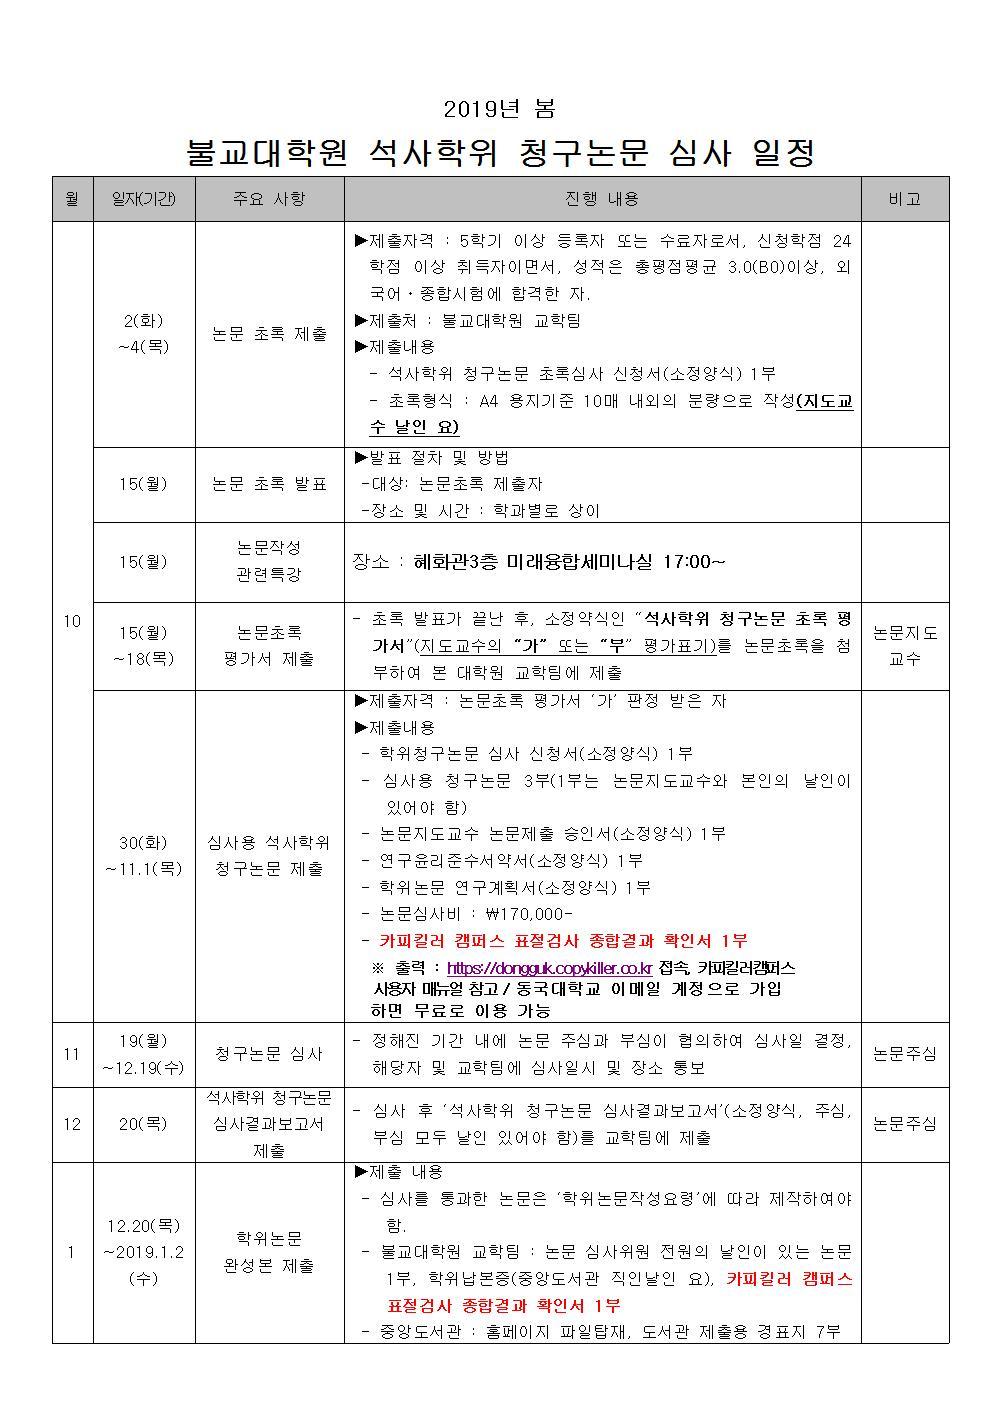 (첨부1) 석사학위청구논문심사일정(2019-봄)001